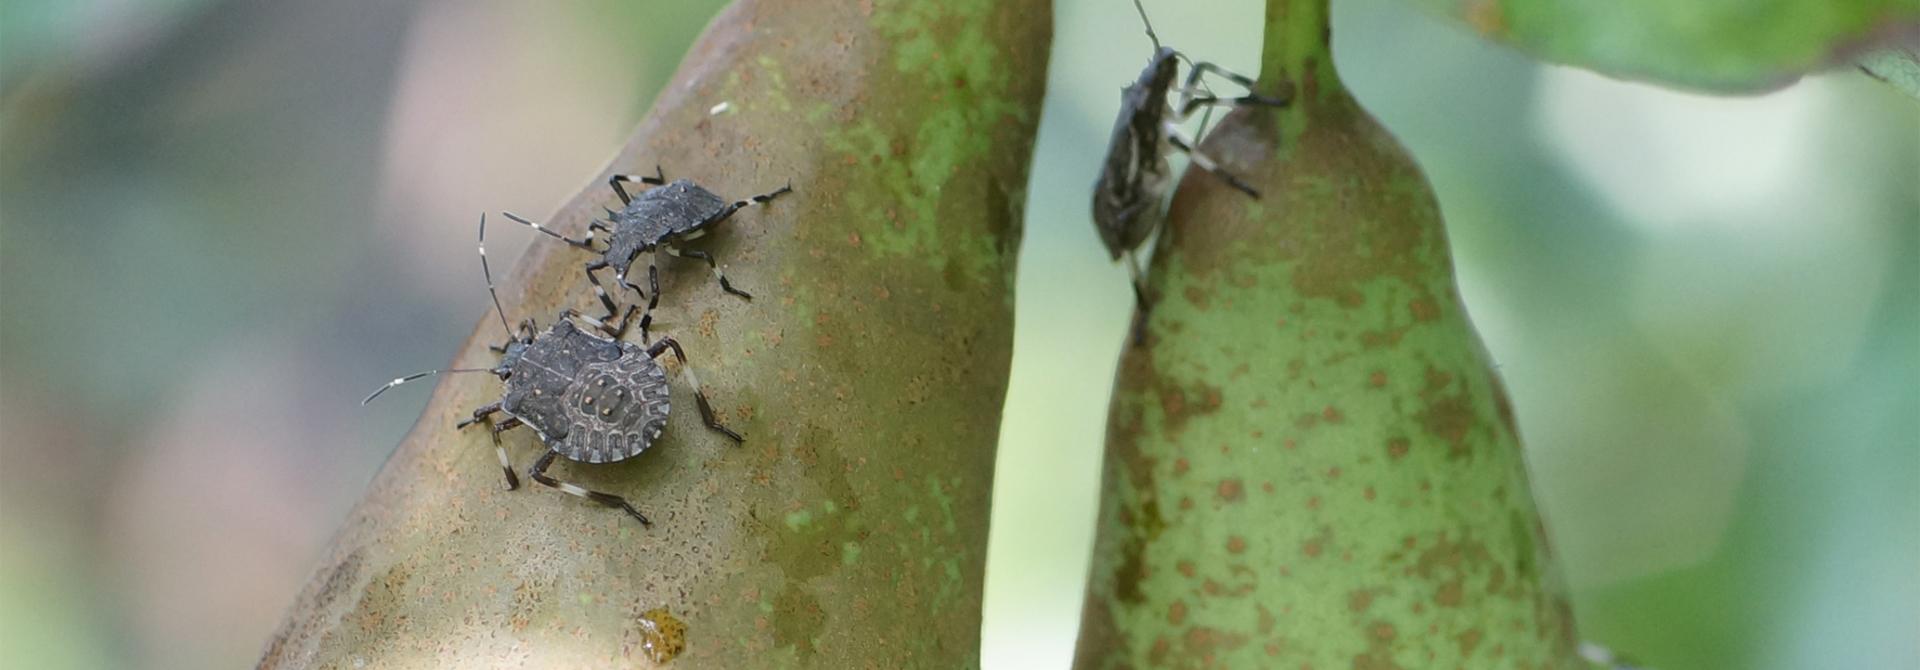 Verschiedene Nymphenstadien der Marmorierten Baumwanze auf einer Conference-Birne. Die Nymphenstadien haben im Gegensatz zu adulten Baumwanzen einen gerundeten Hinterleib.>